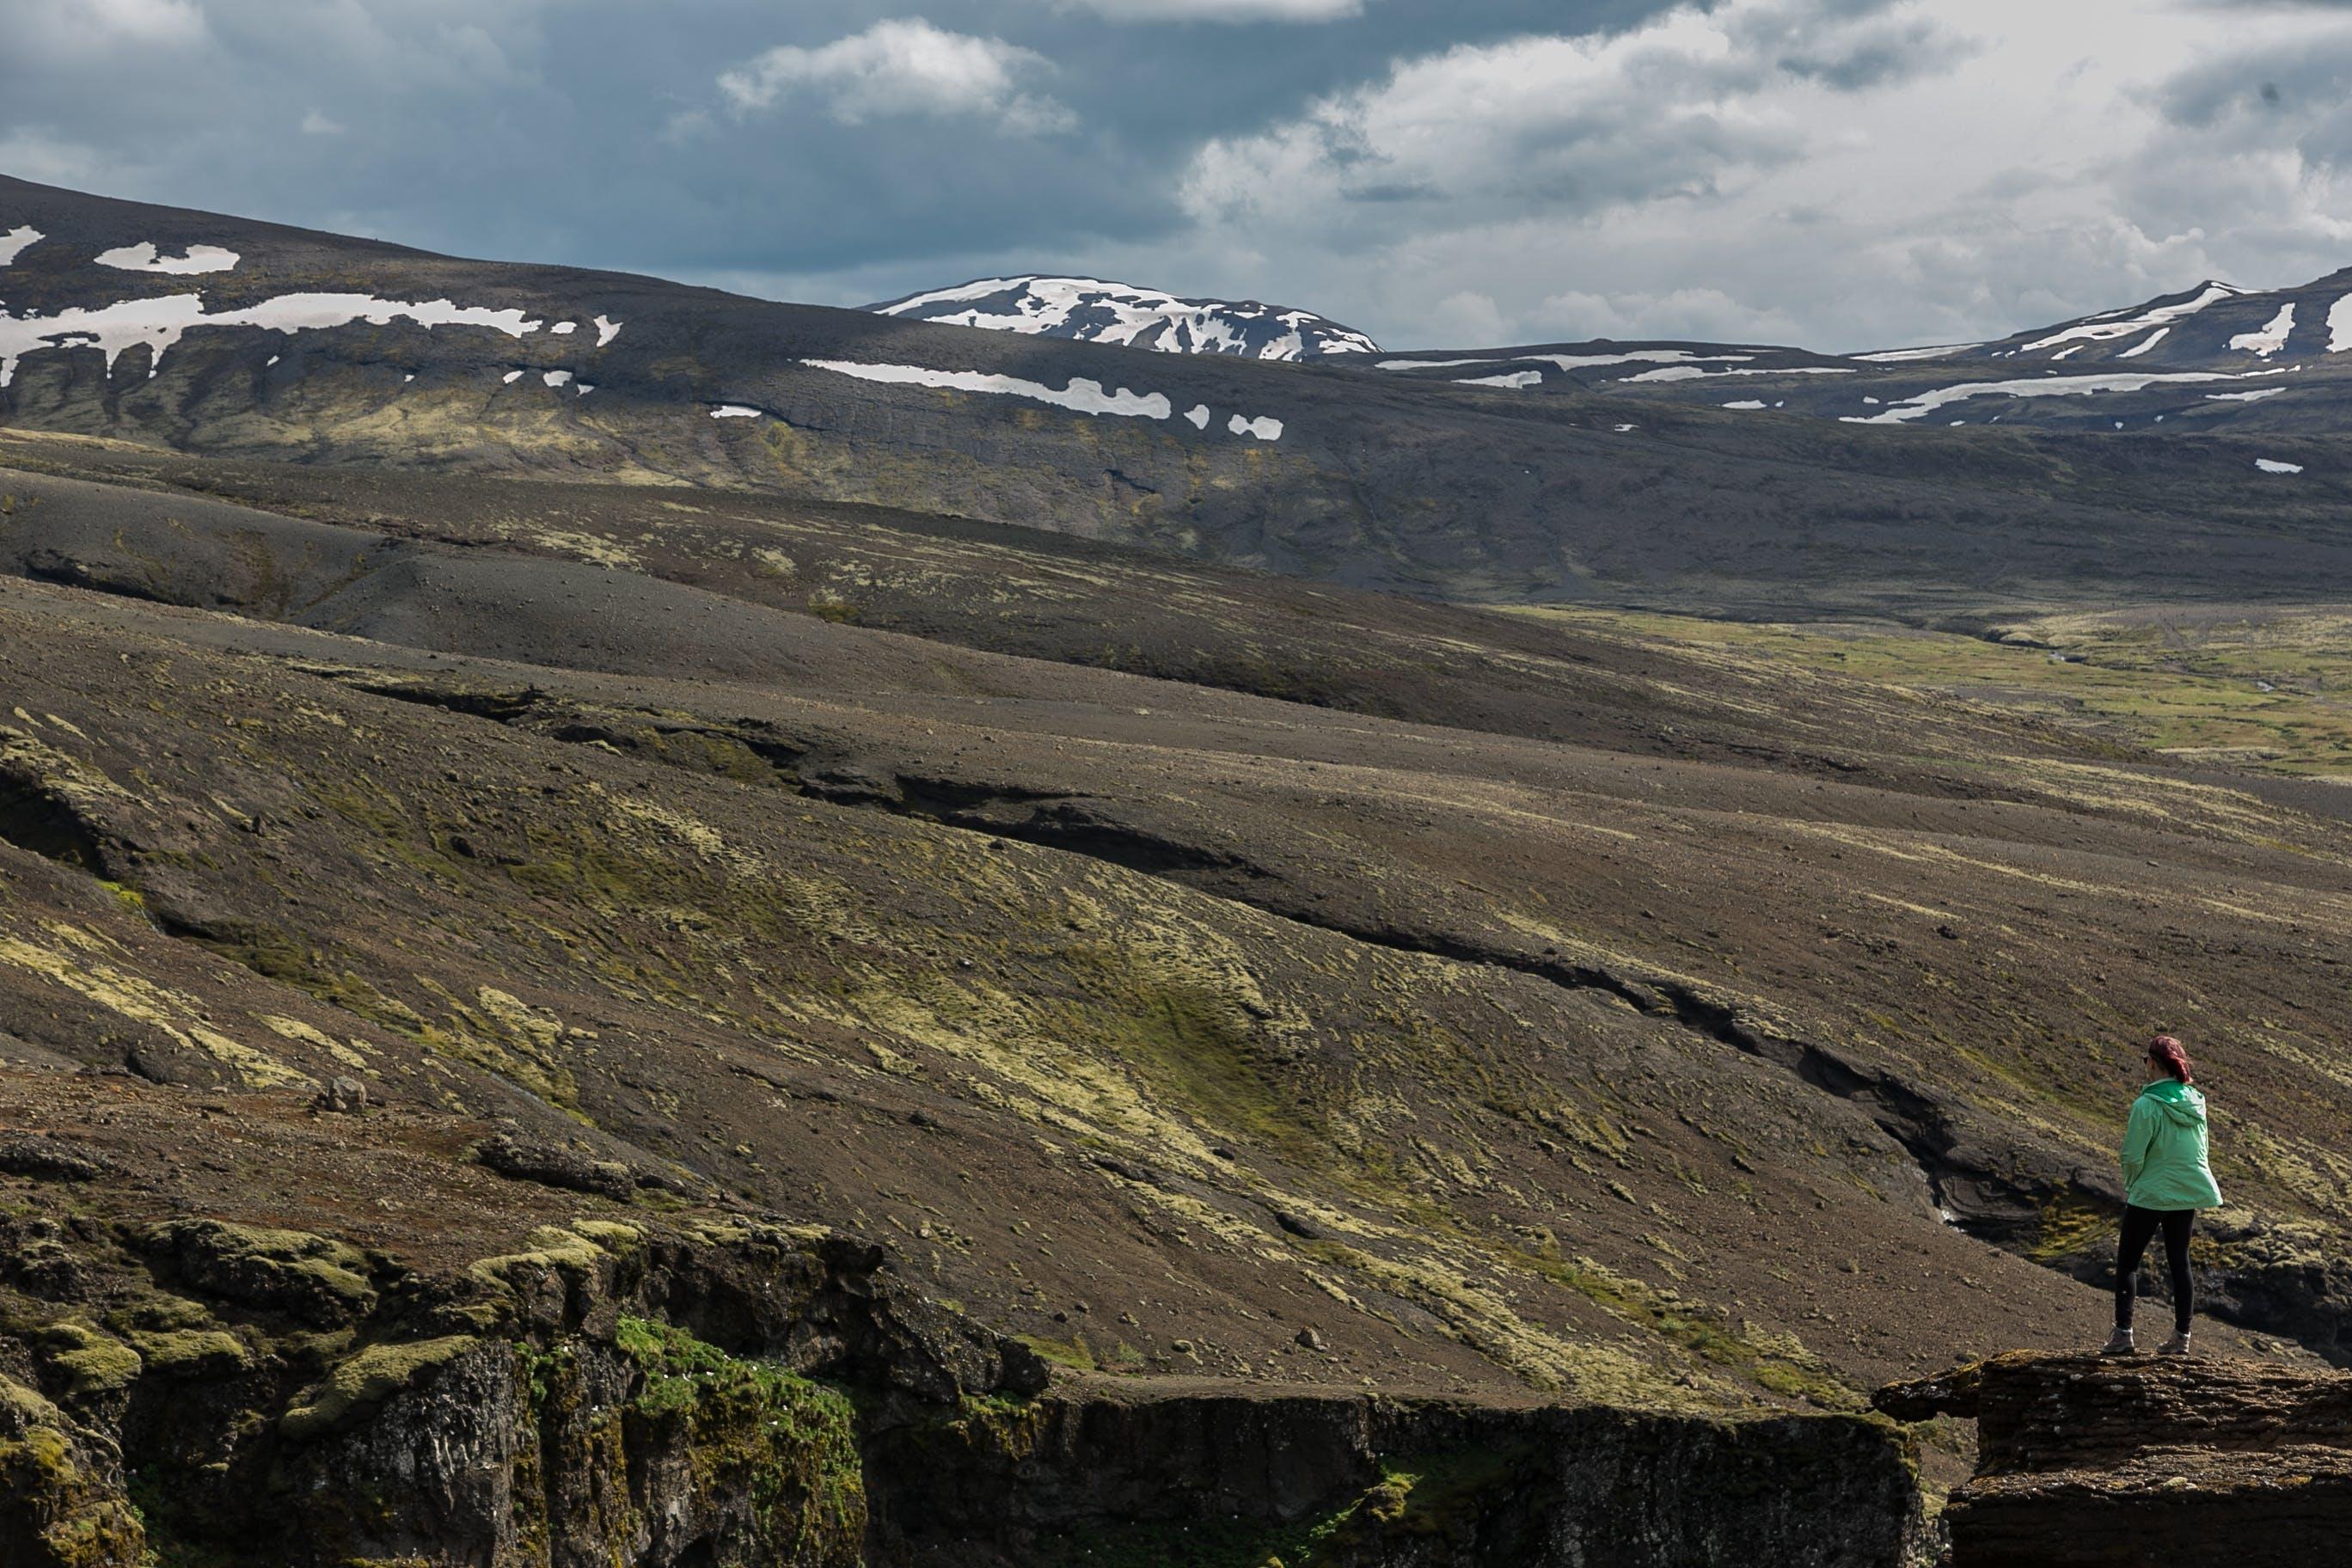 コールド, 女性, 山岳, 岩の無料の写真素材